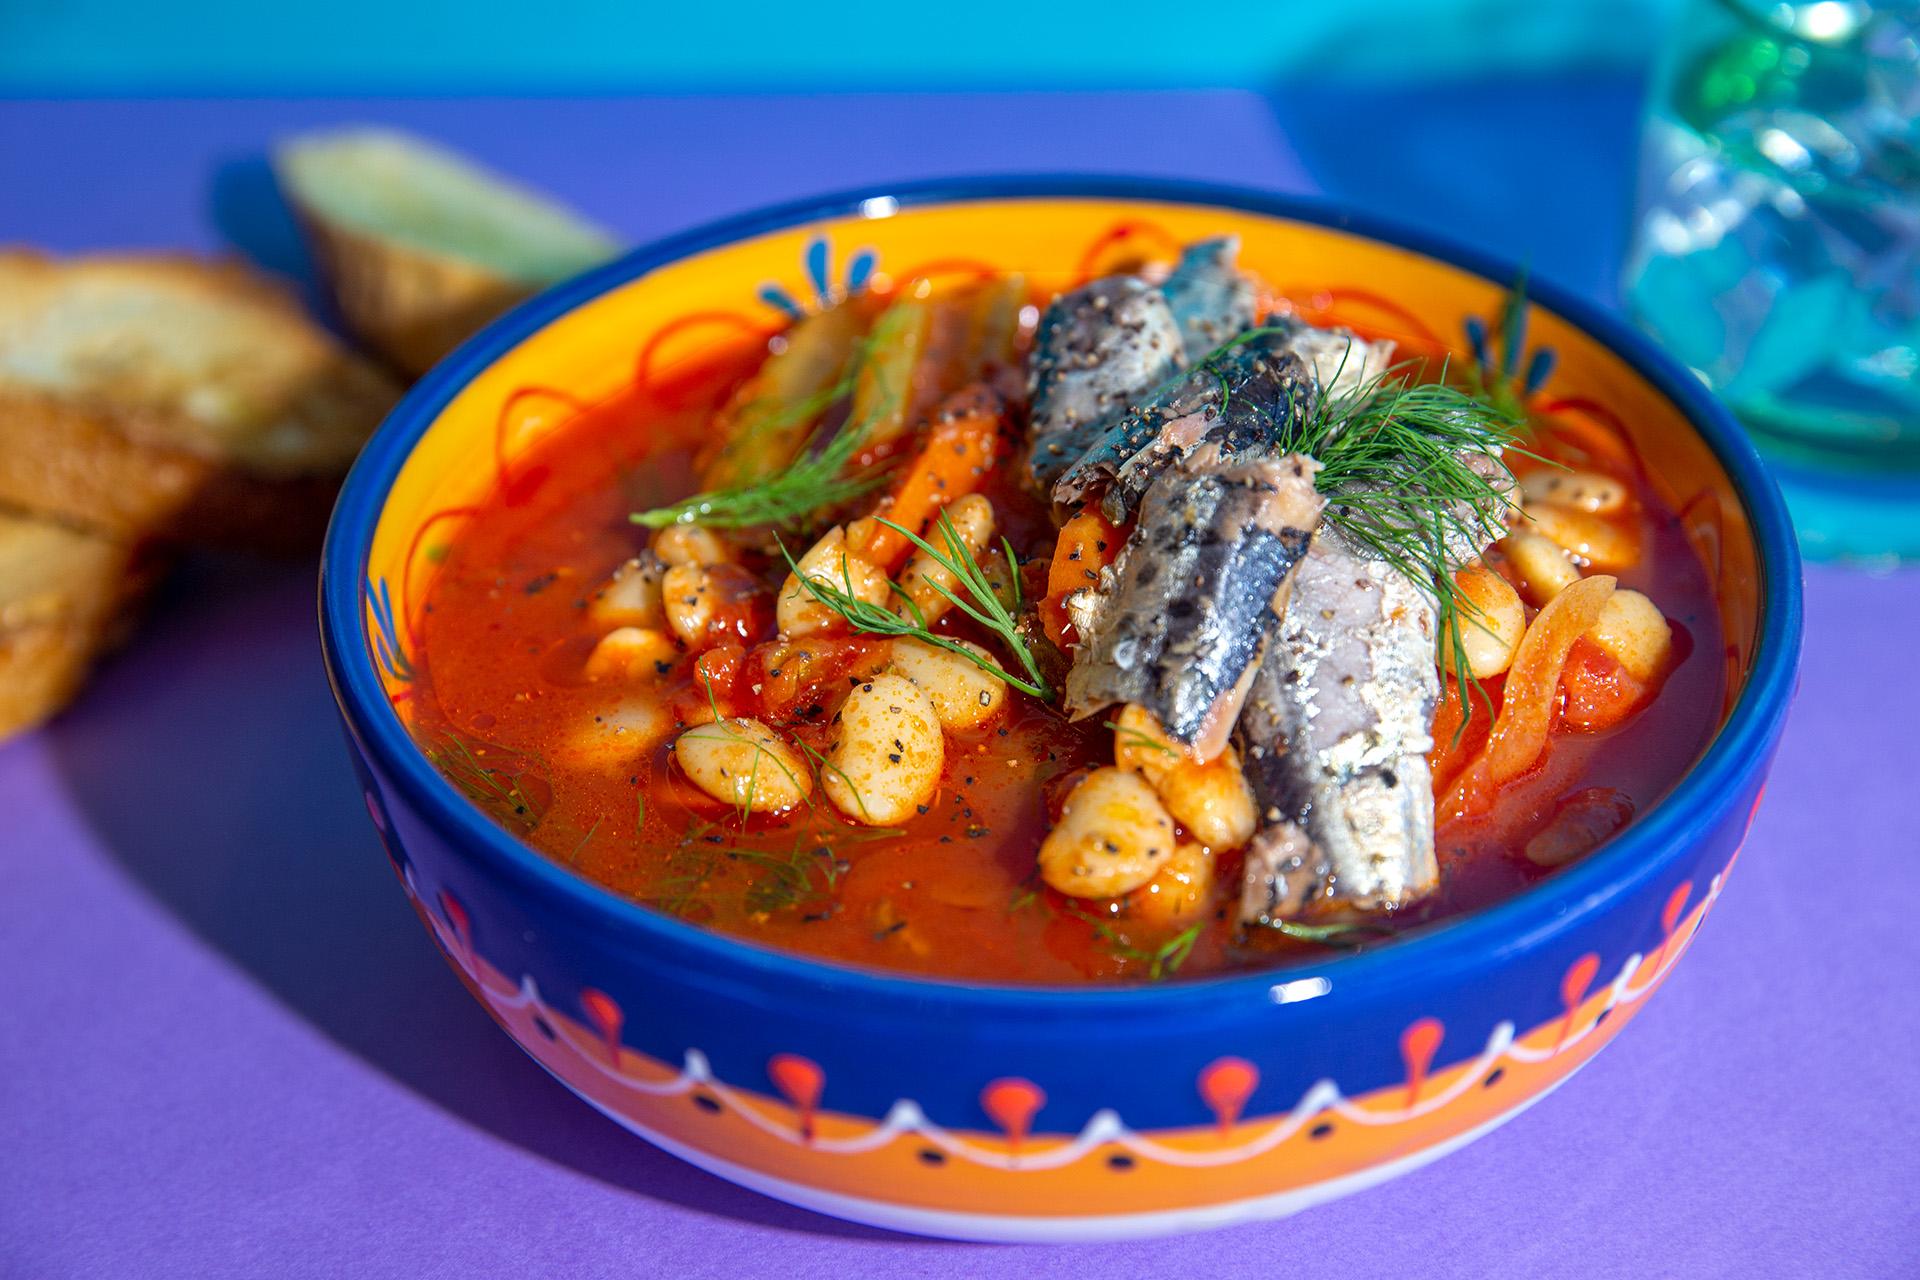 Sardine Stew